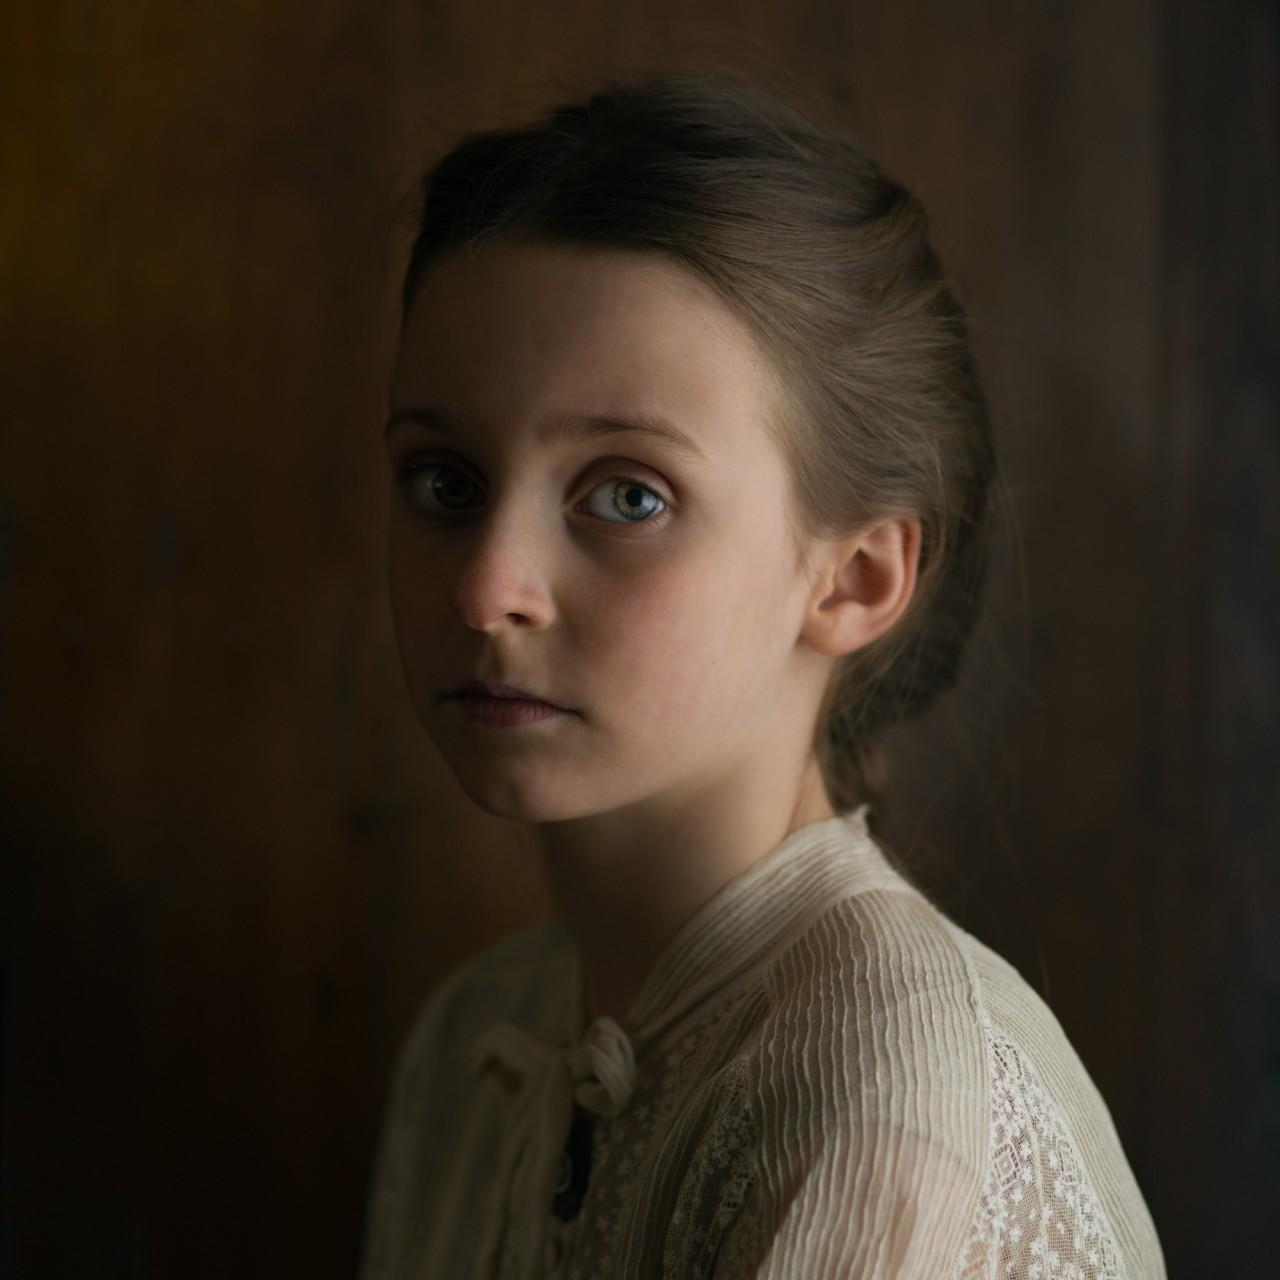 Победитель в категории «Портрет», 2018. Автор Тина Синьесдоттир Хульт